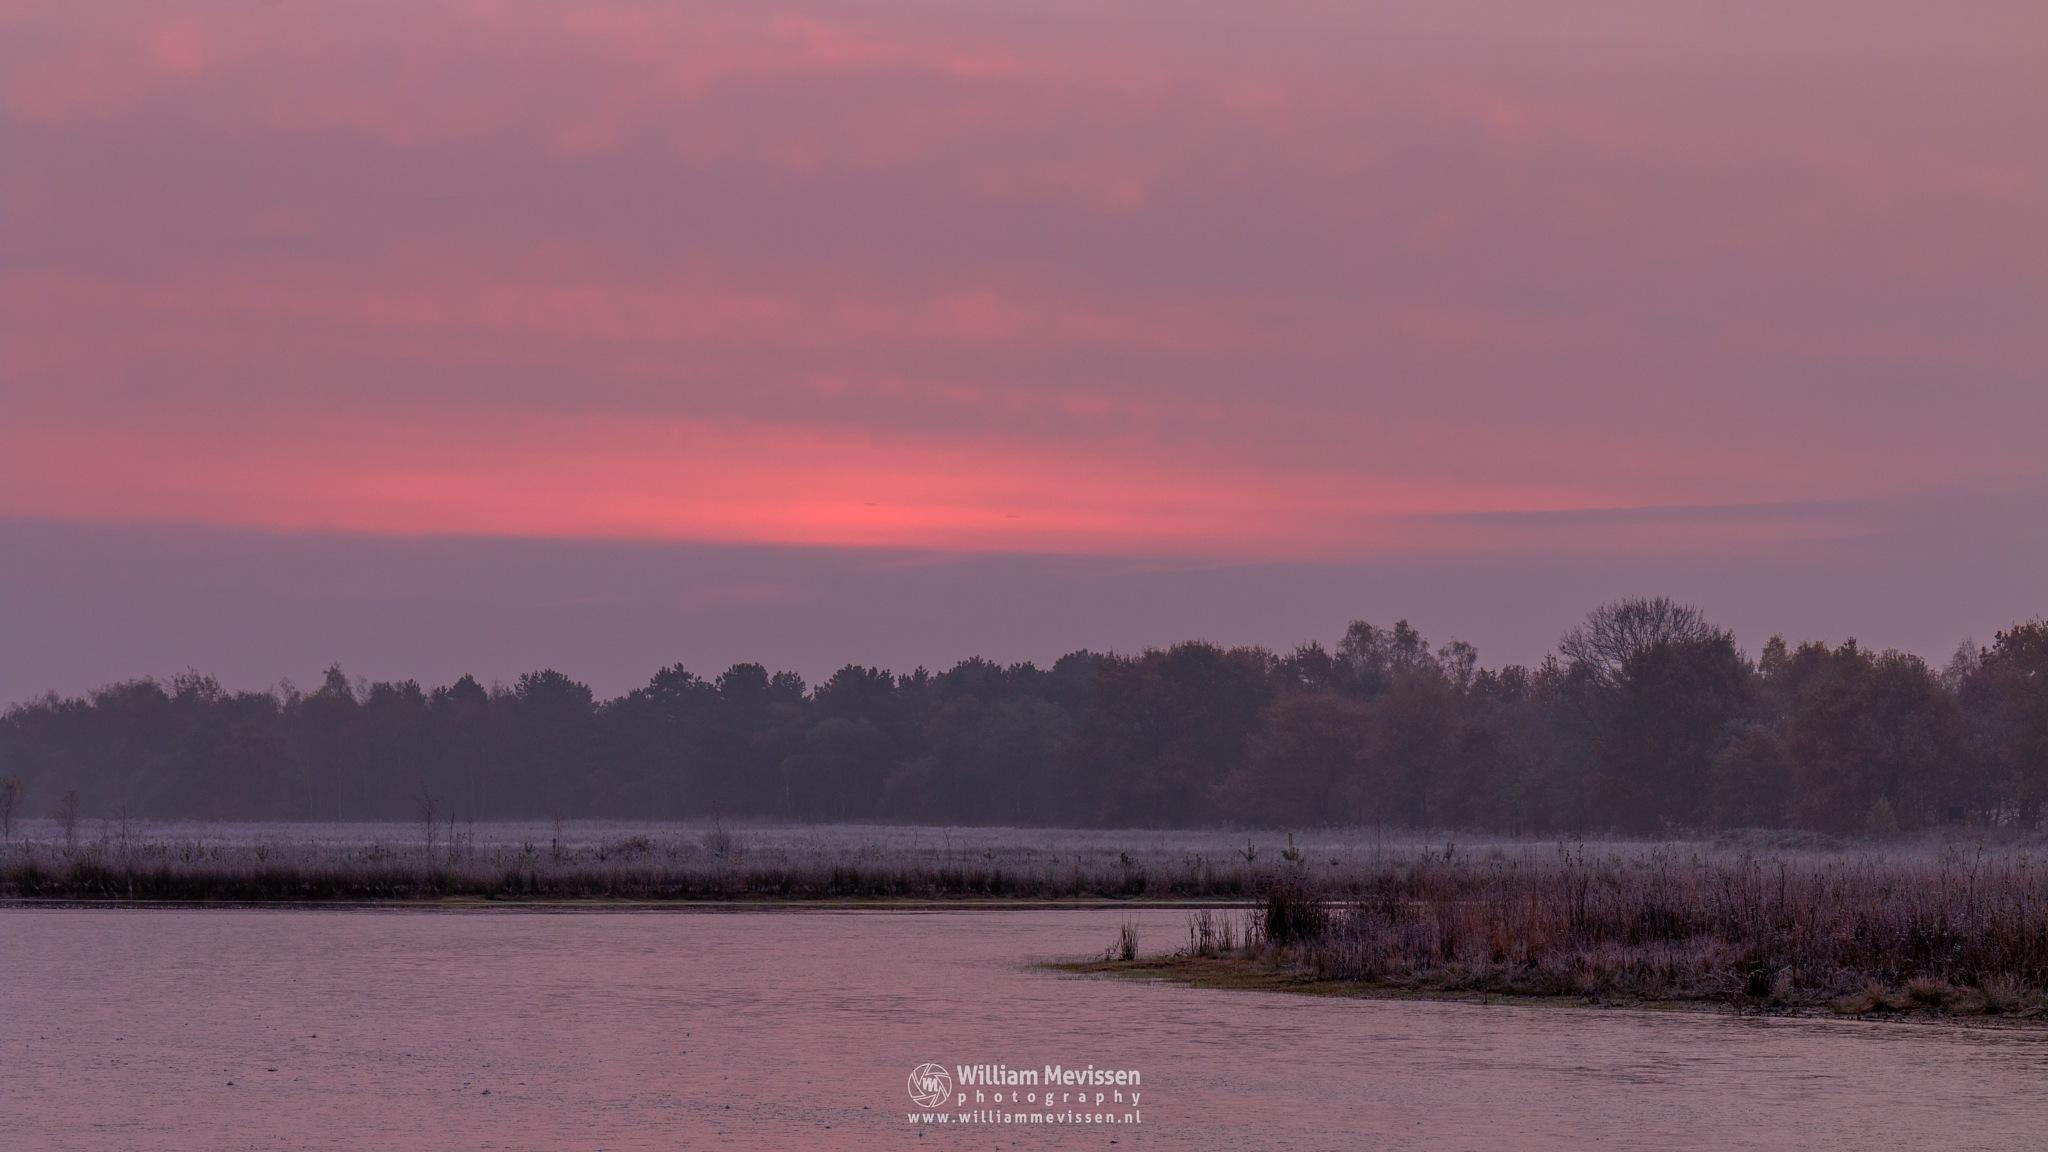 Dawn at Lelieven by William Mevissen